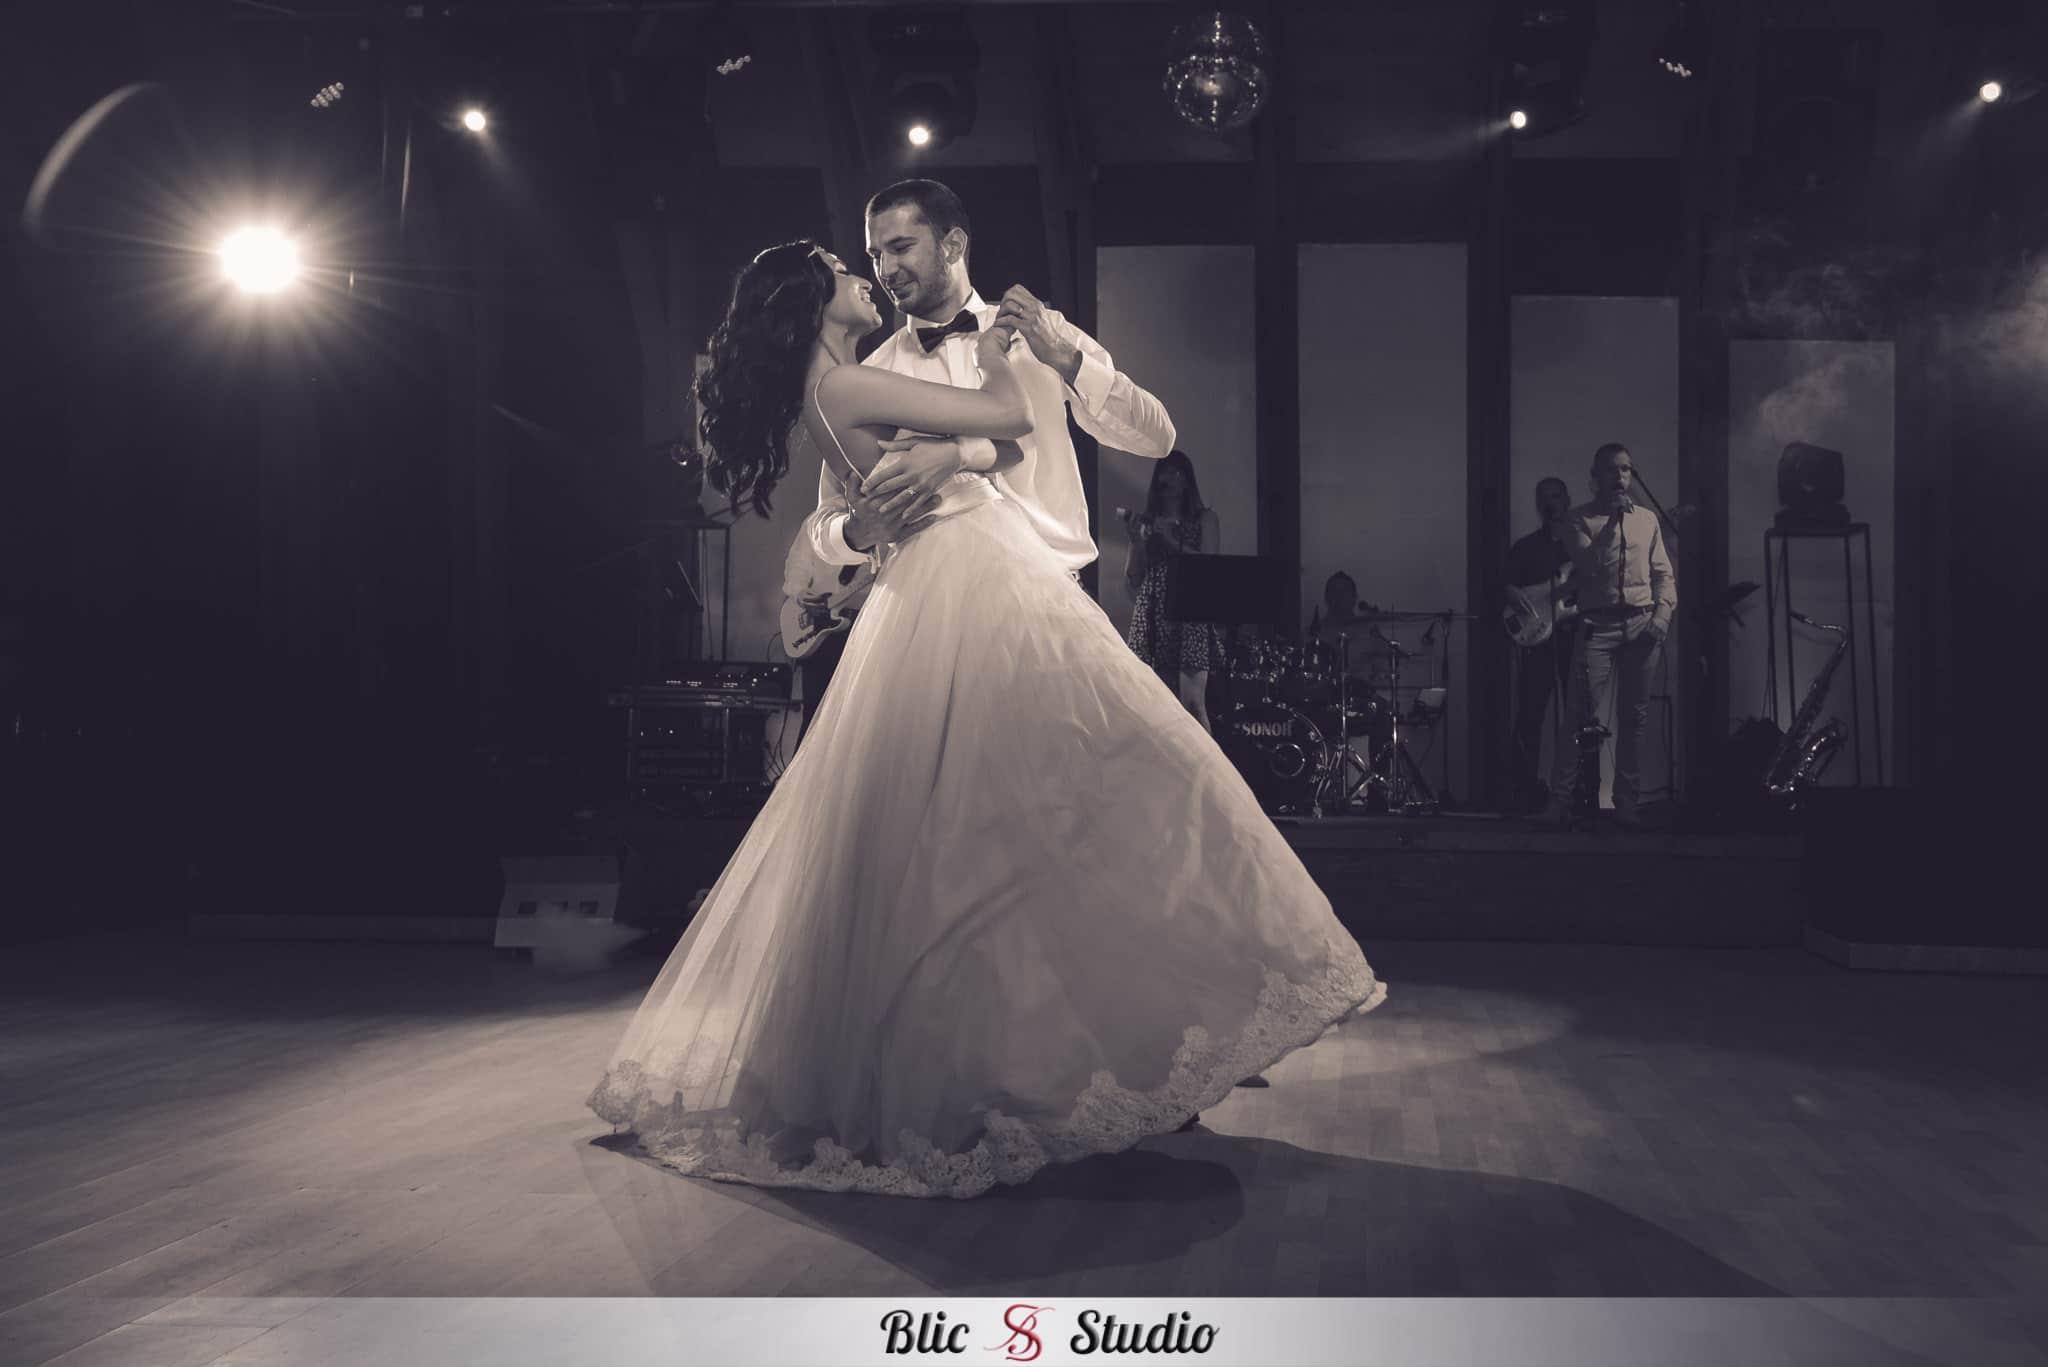 Fotograf_za_vjenčanje_foto_studio_blic_marincel (100)